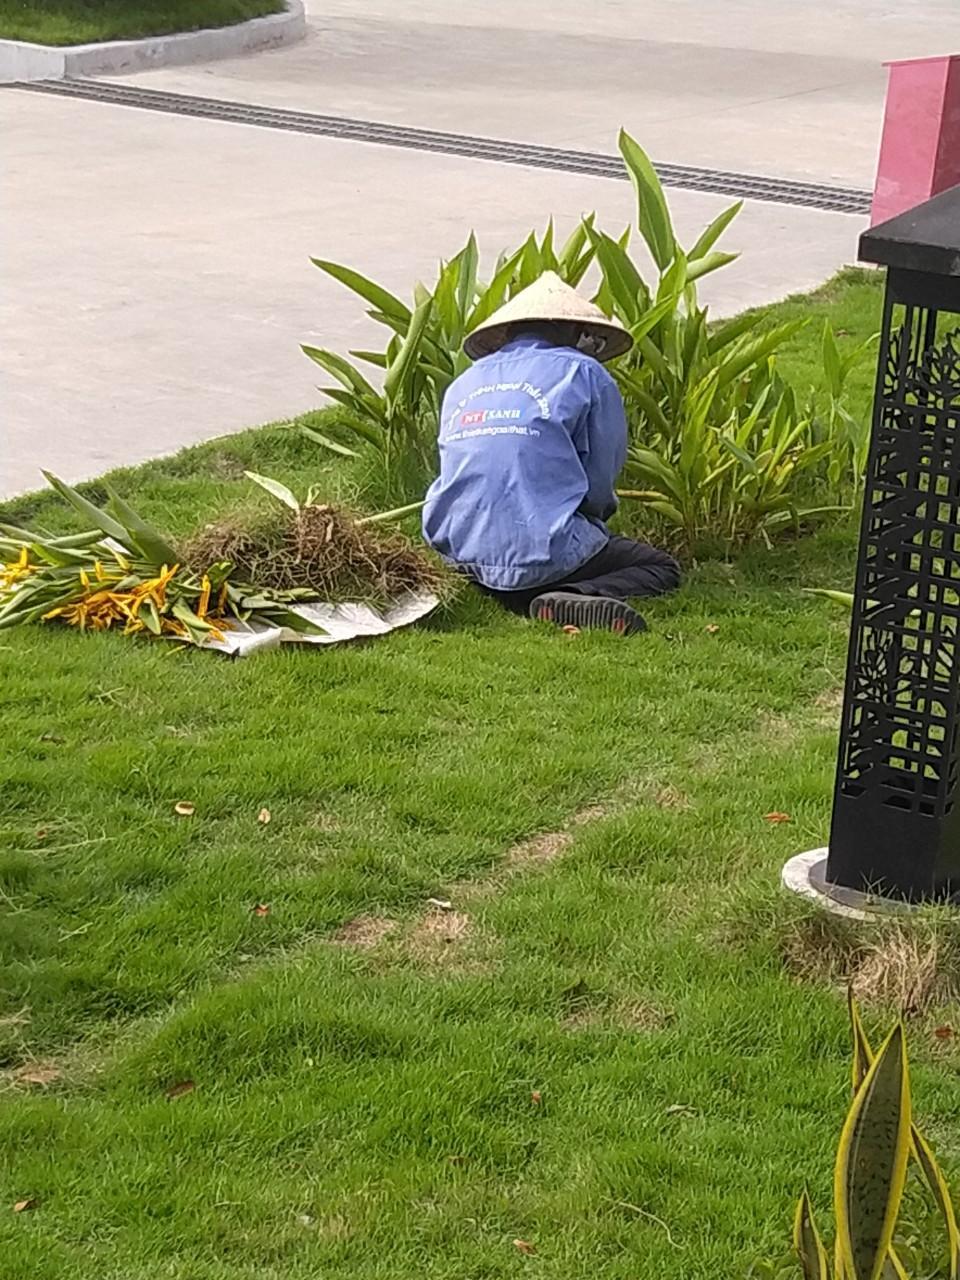 Nhân viên Ngoại Thất Xanh thực hiện chăm sóc cây xanh tại khu công nghiệp